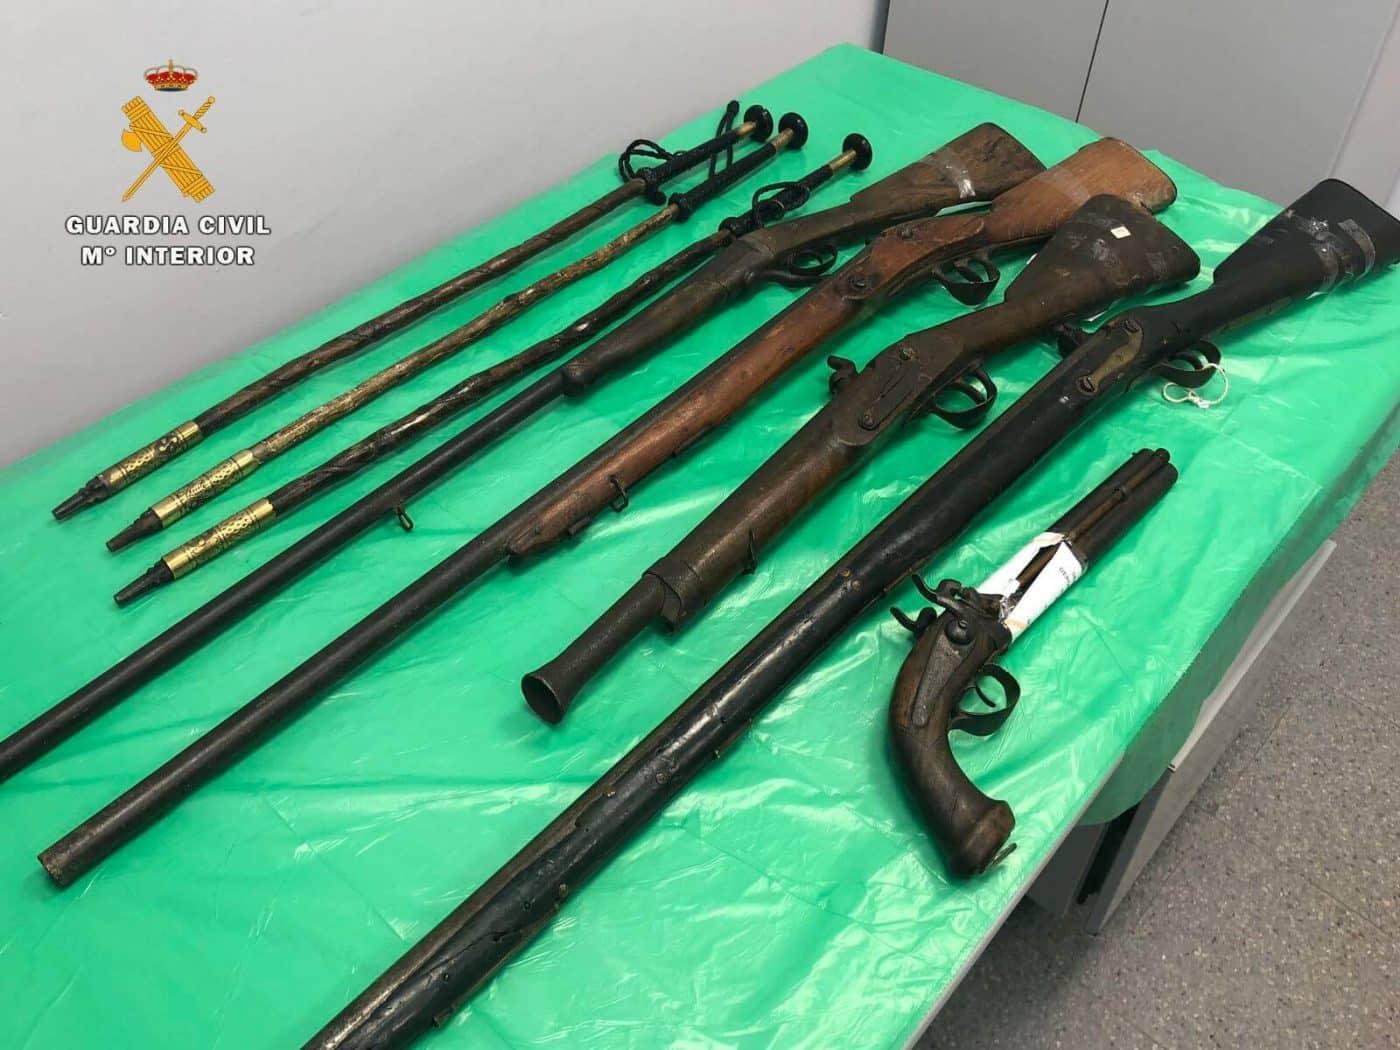 La Guardia Civil interviene armas antiguas y armas prohibidas en la Feria de Antigüedades de Cirueña 2